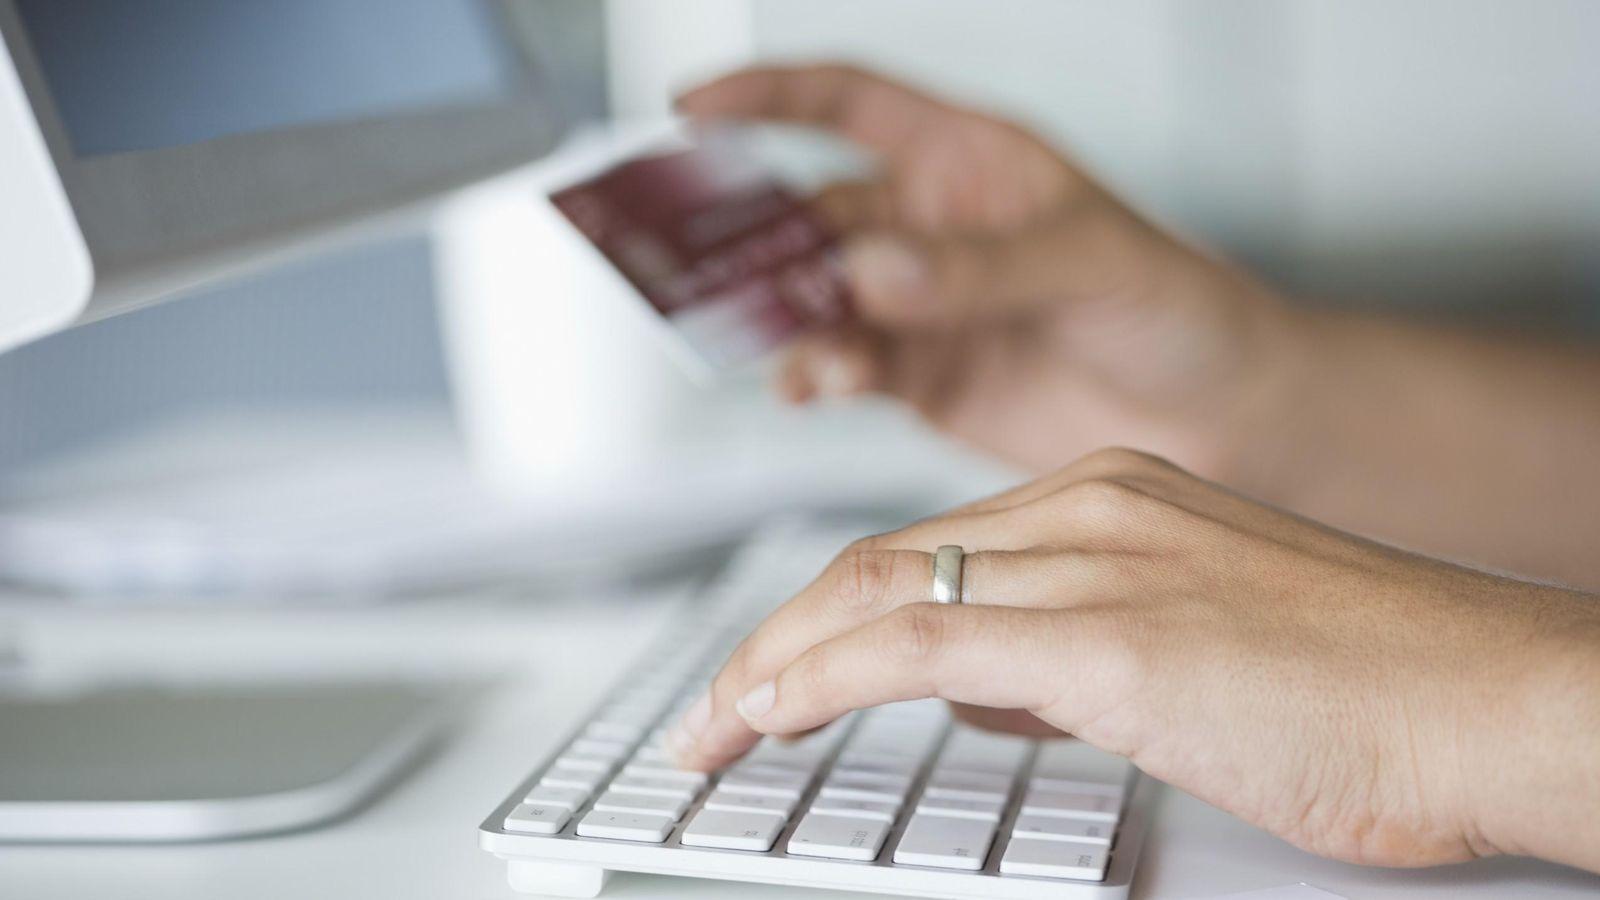 Foto: Una mujer utiliza su tarjeta de crédito para efectuar gestiones bancarias en internet. (Corbis)